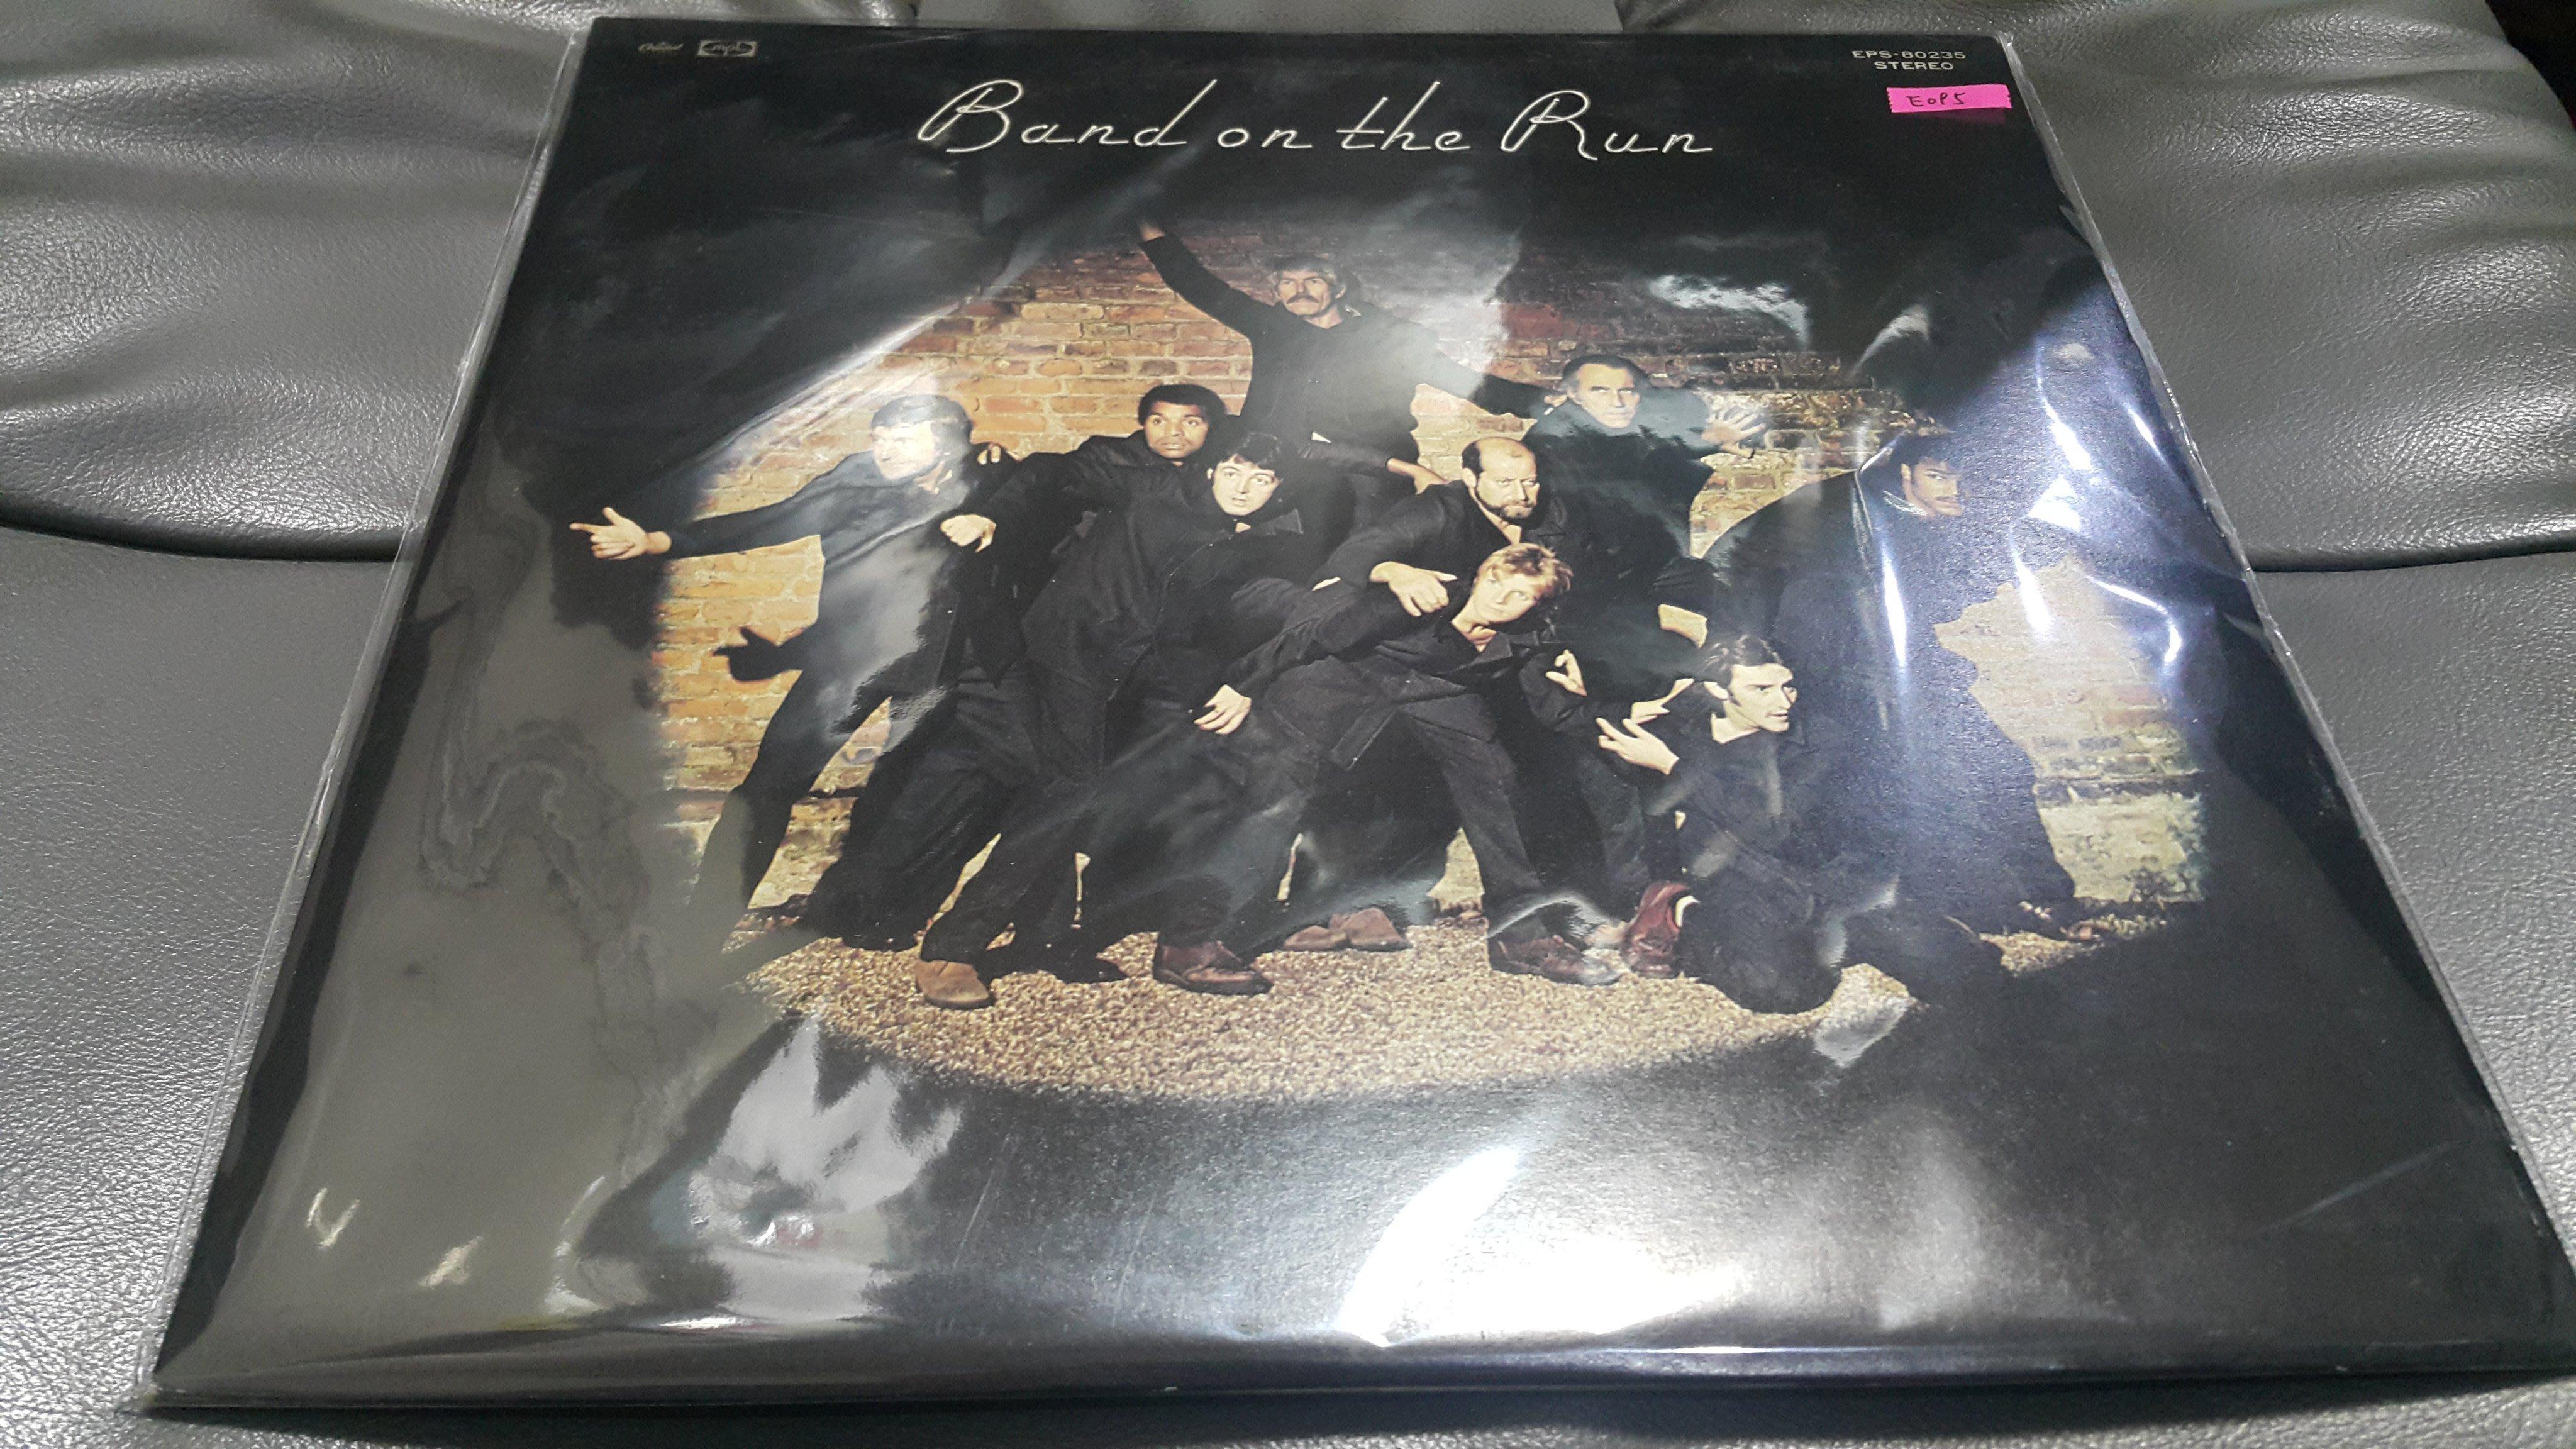 開心唱片 (PAUL MCCARTNEY & WINGS / BAND ON THE RUN) 二手 黑膠唱片 E095